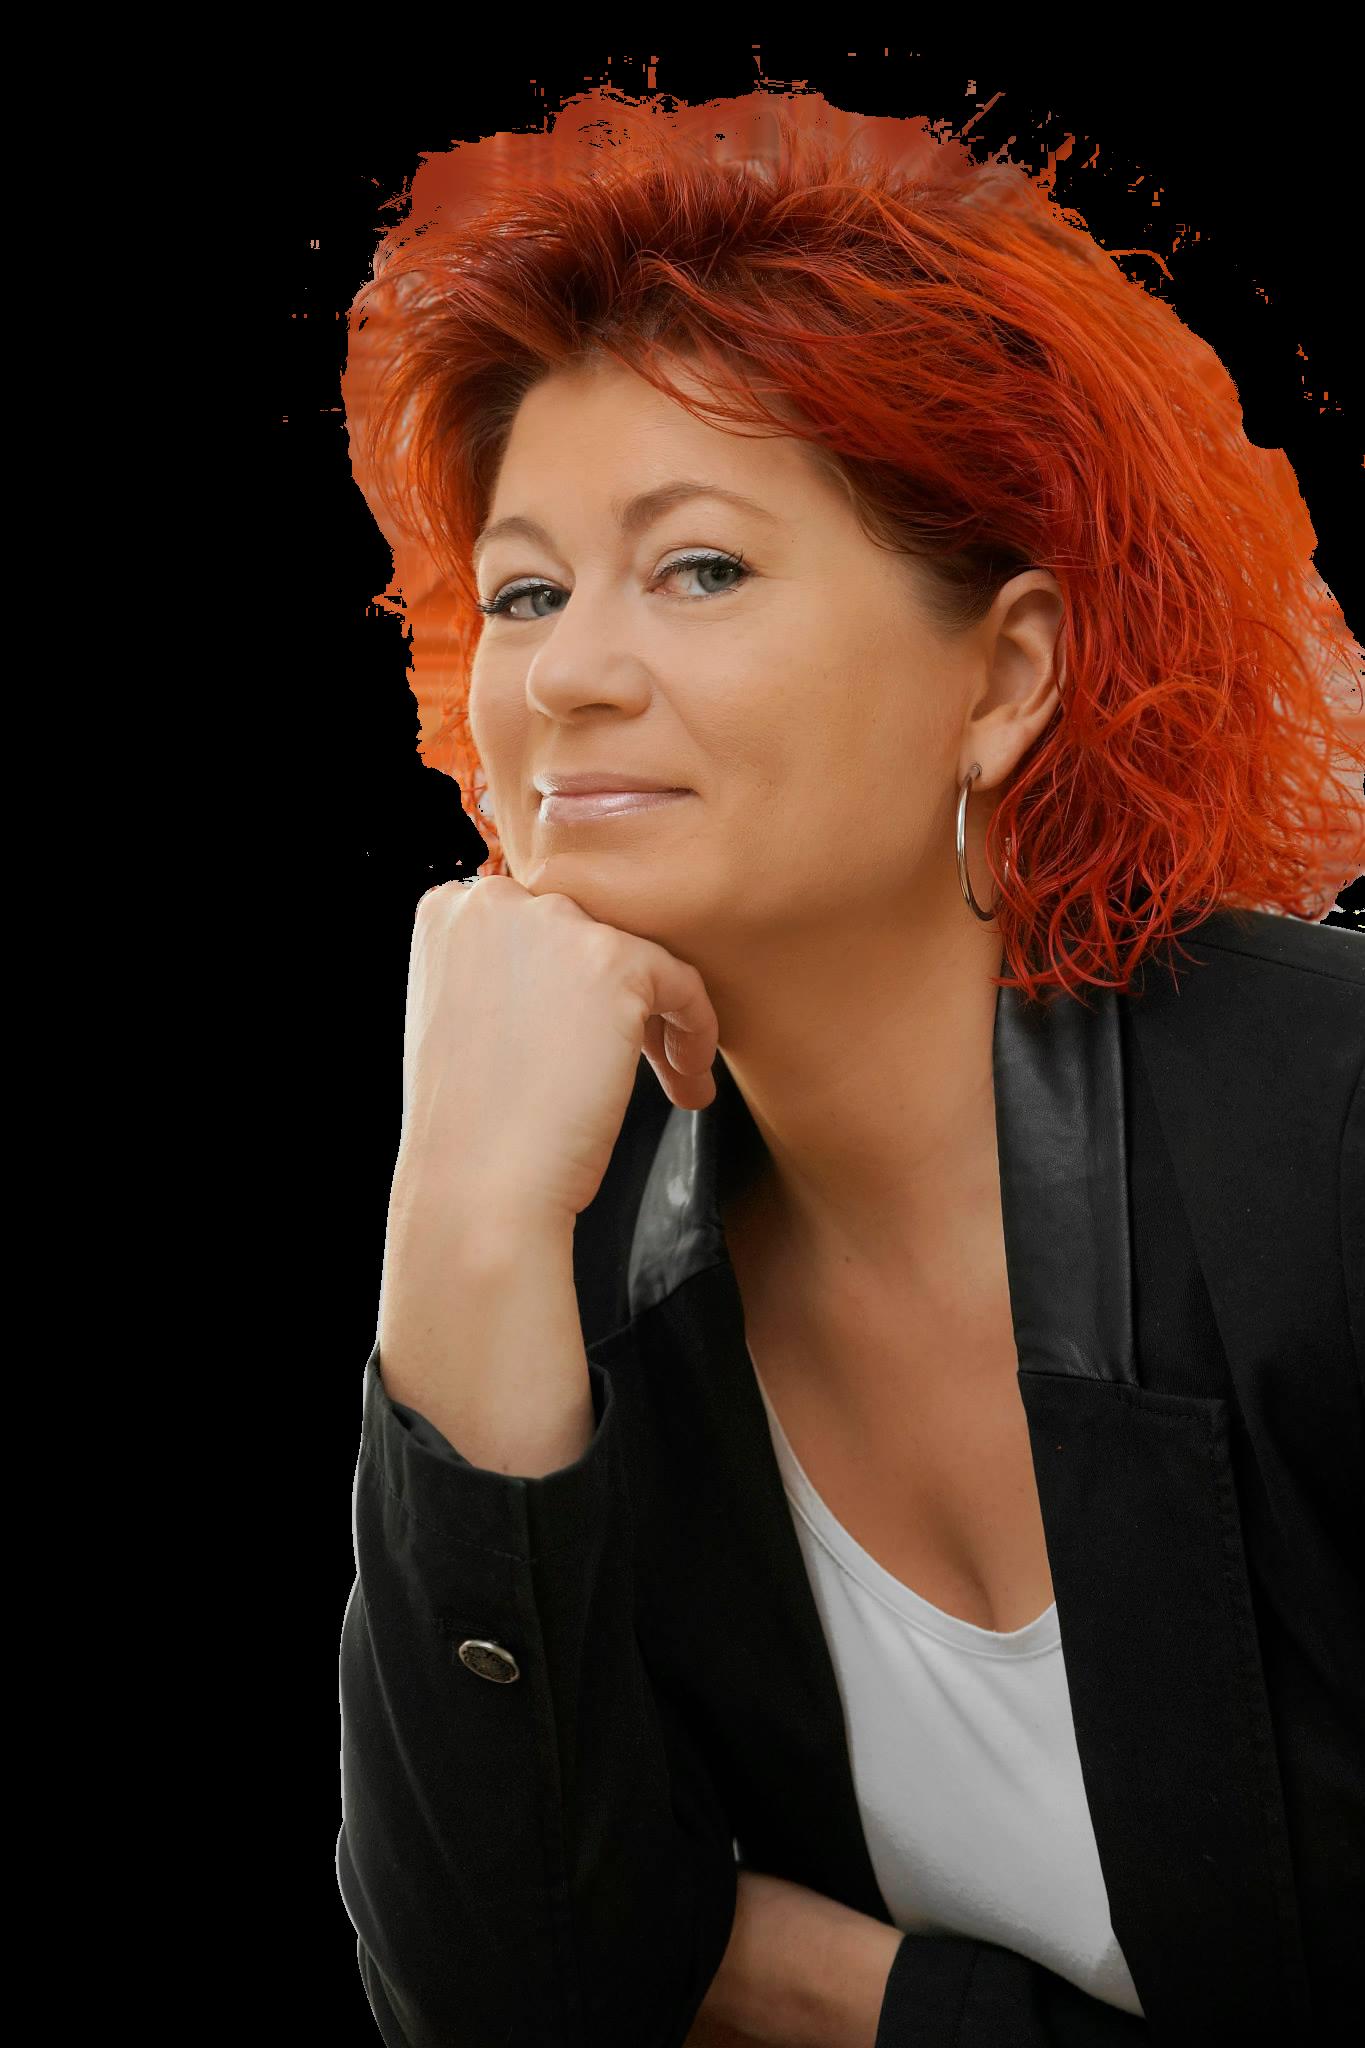 Berith Siegumfeldt - Leder særligt sensitive på rette vej